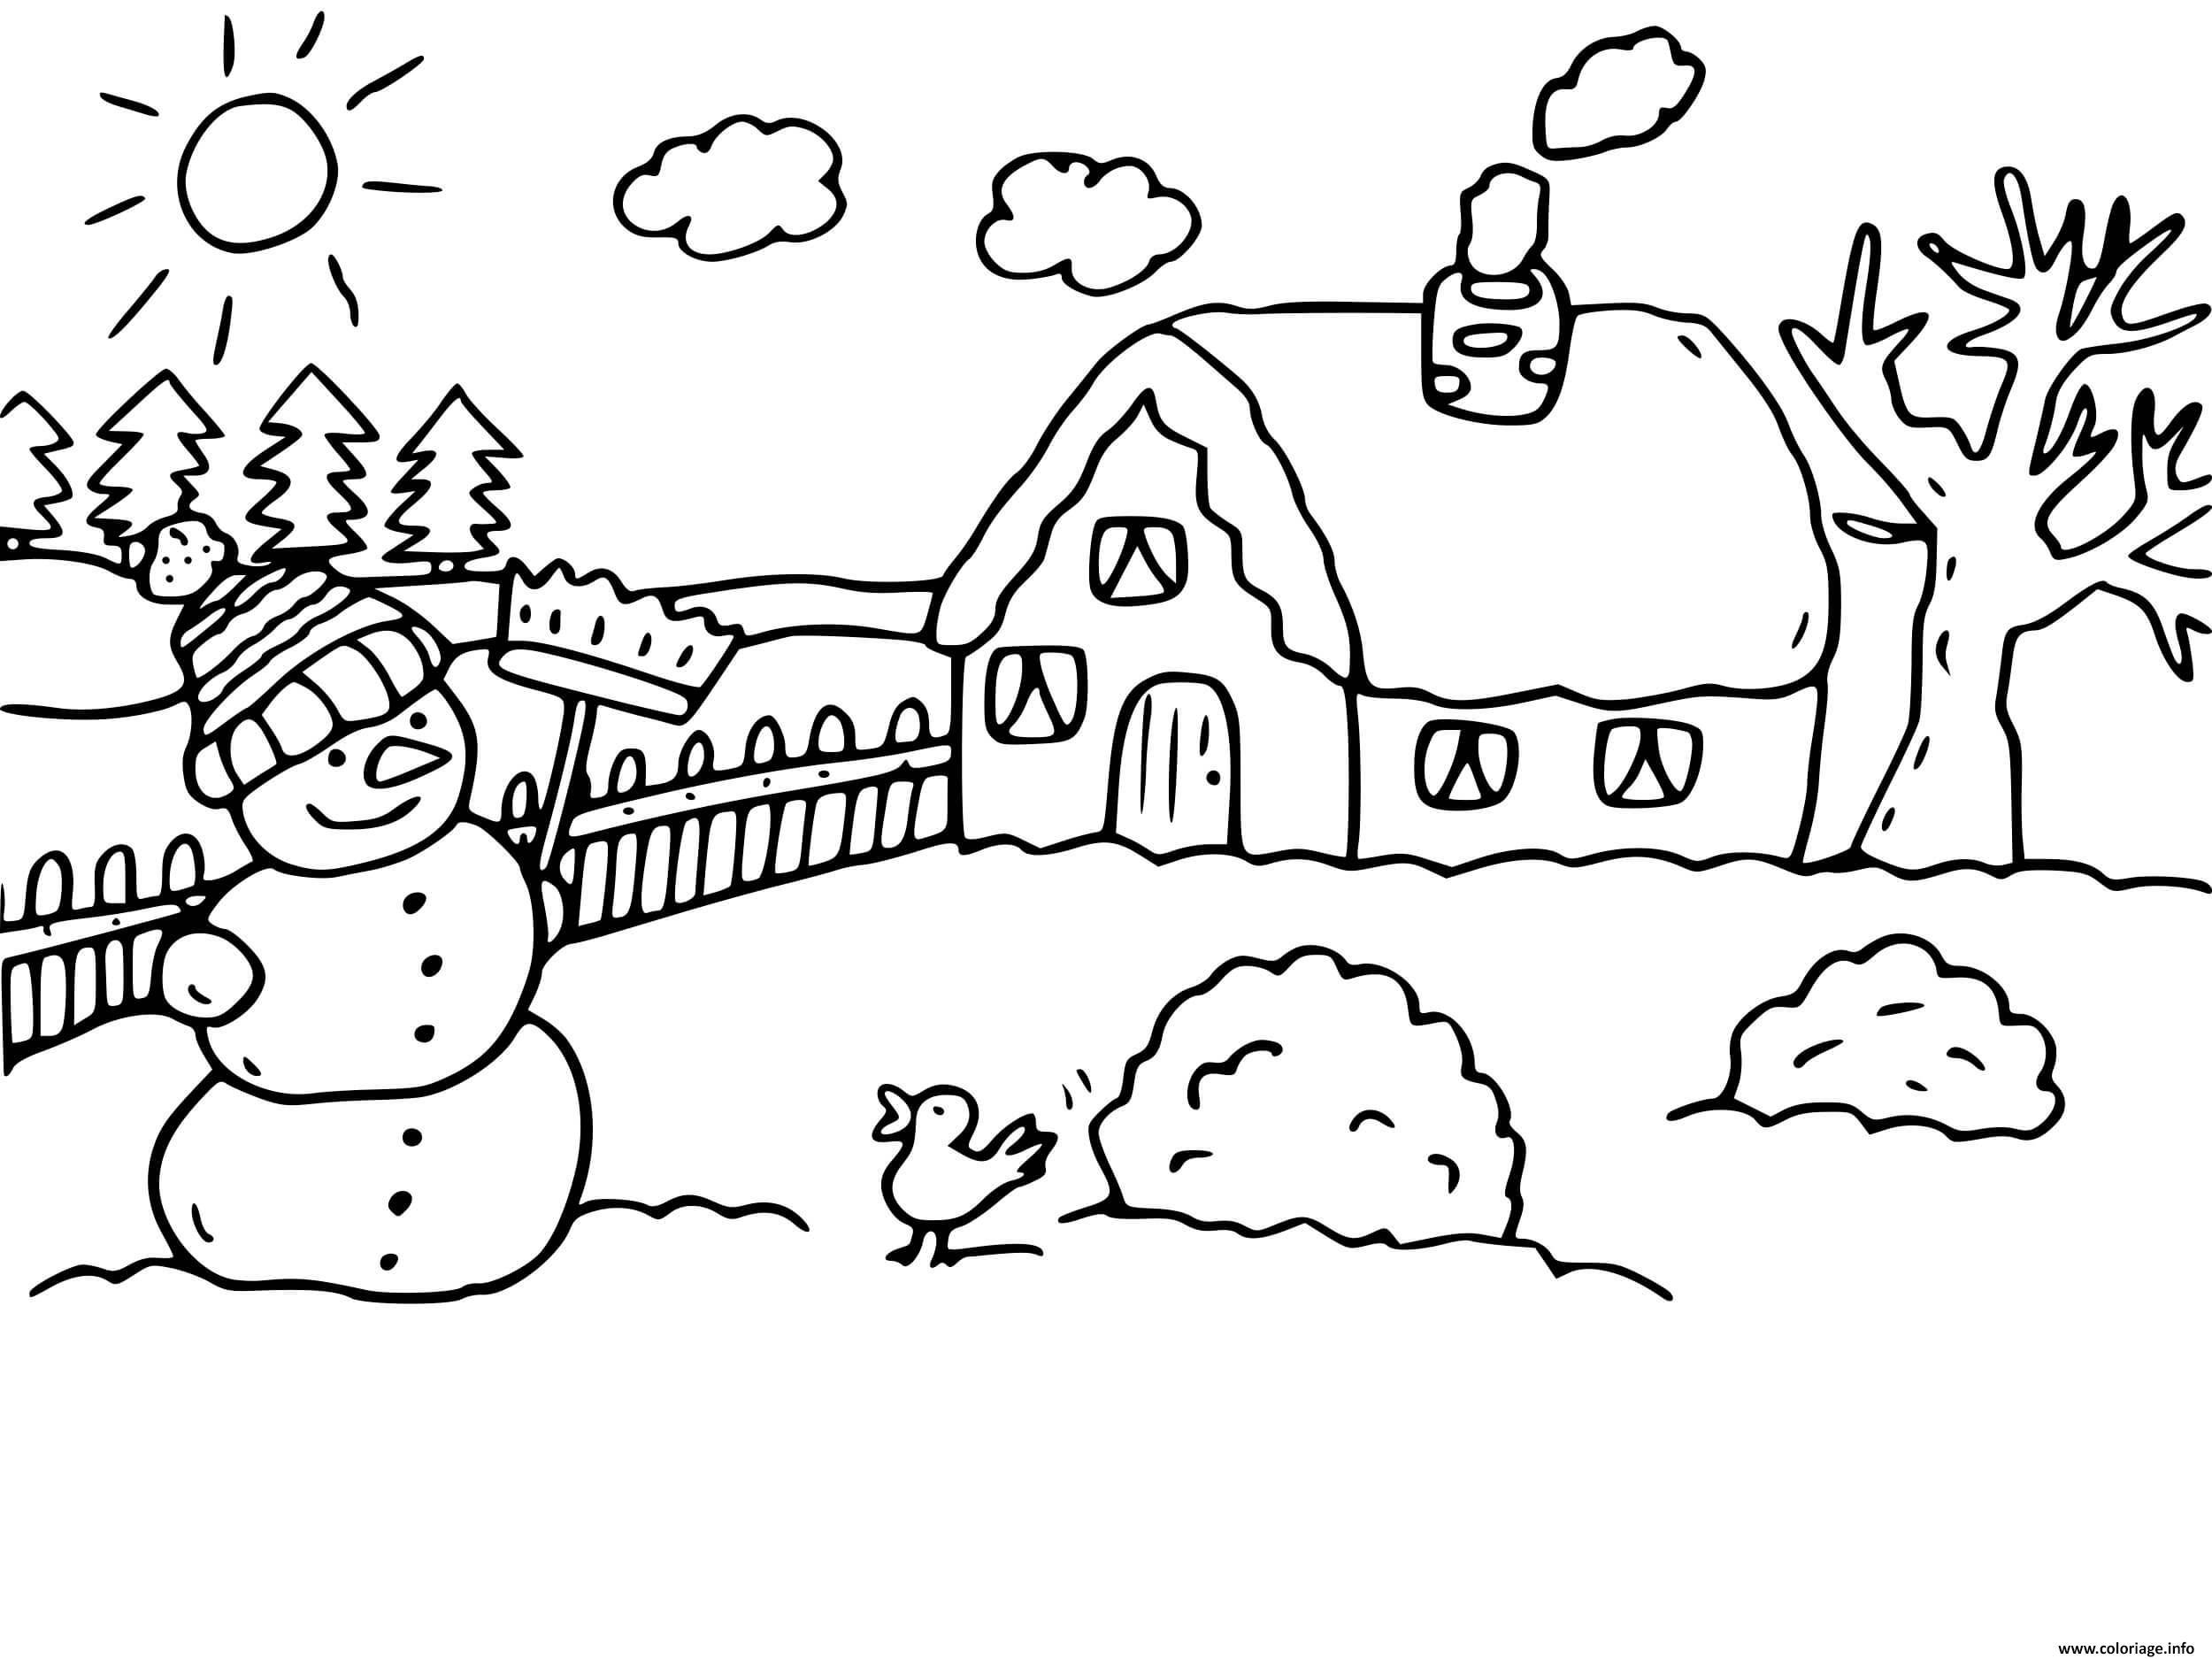 Dessin paysage froid maison hiver Coloriage Gratuit à Imprimer